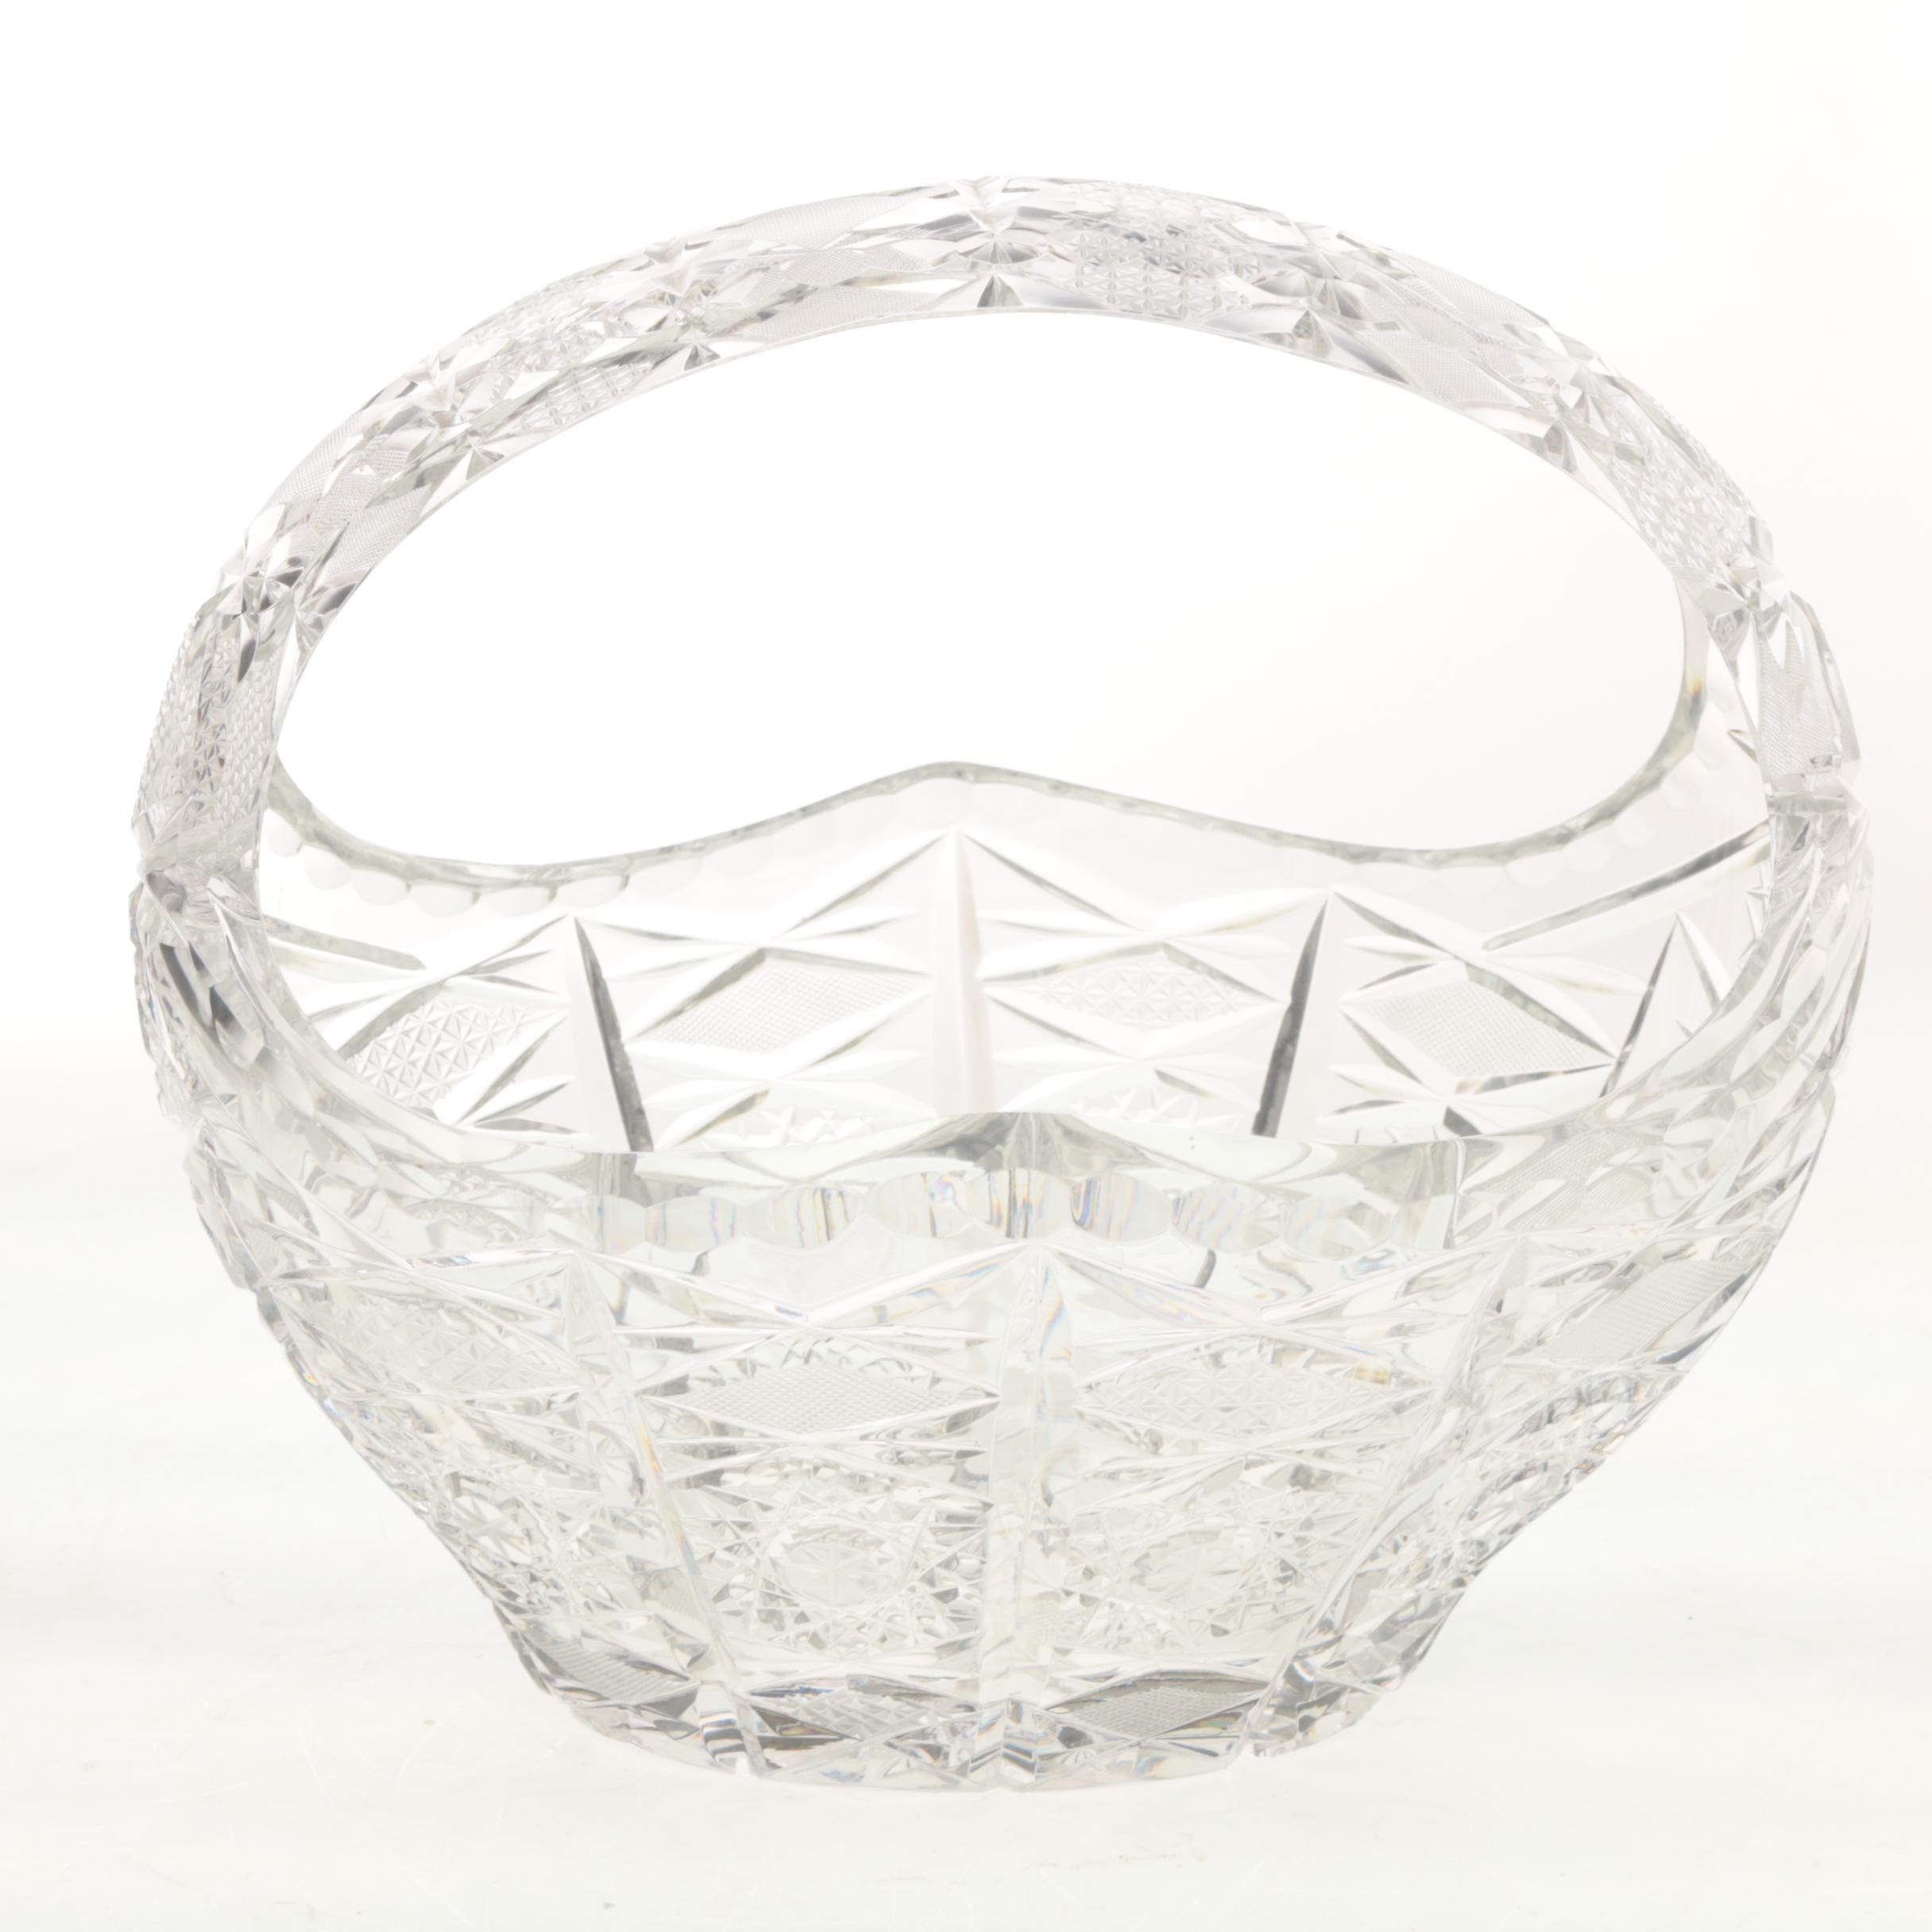 Vintage Eastern European Cut Crystal Basket